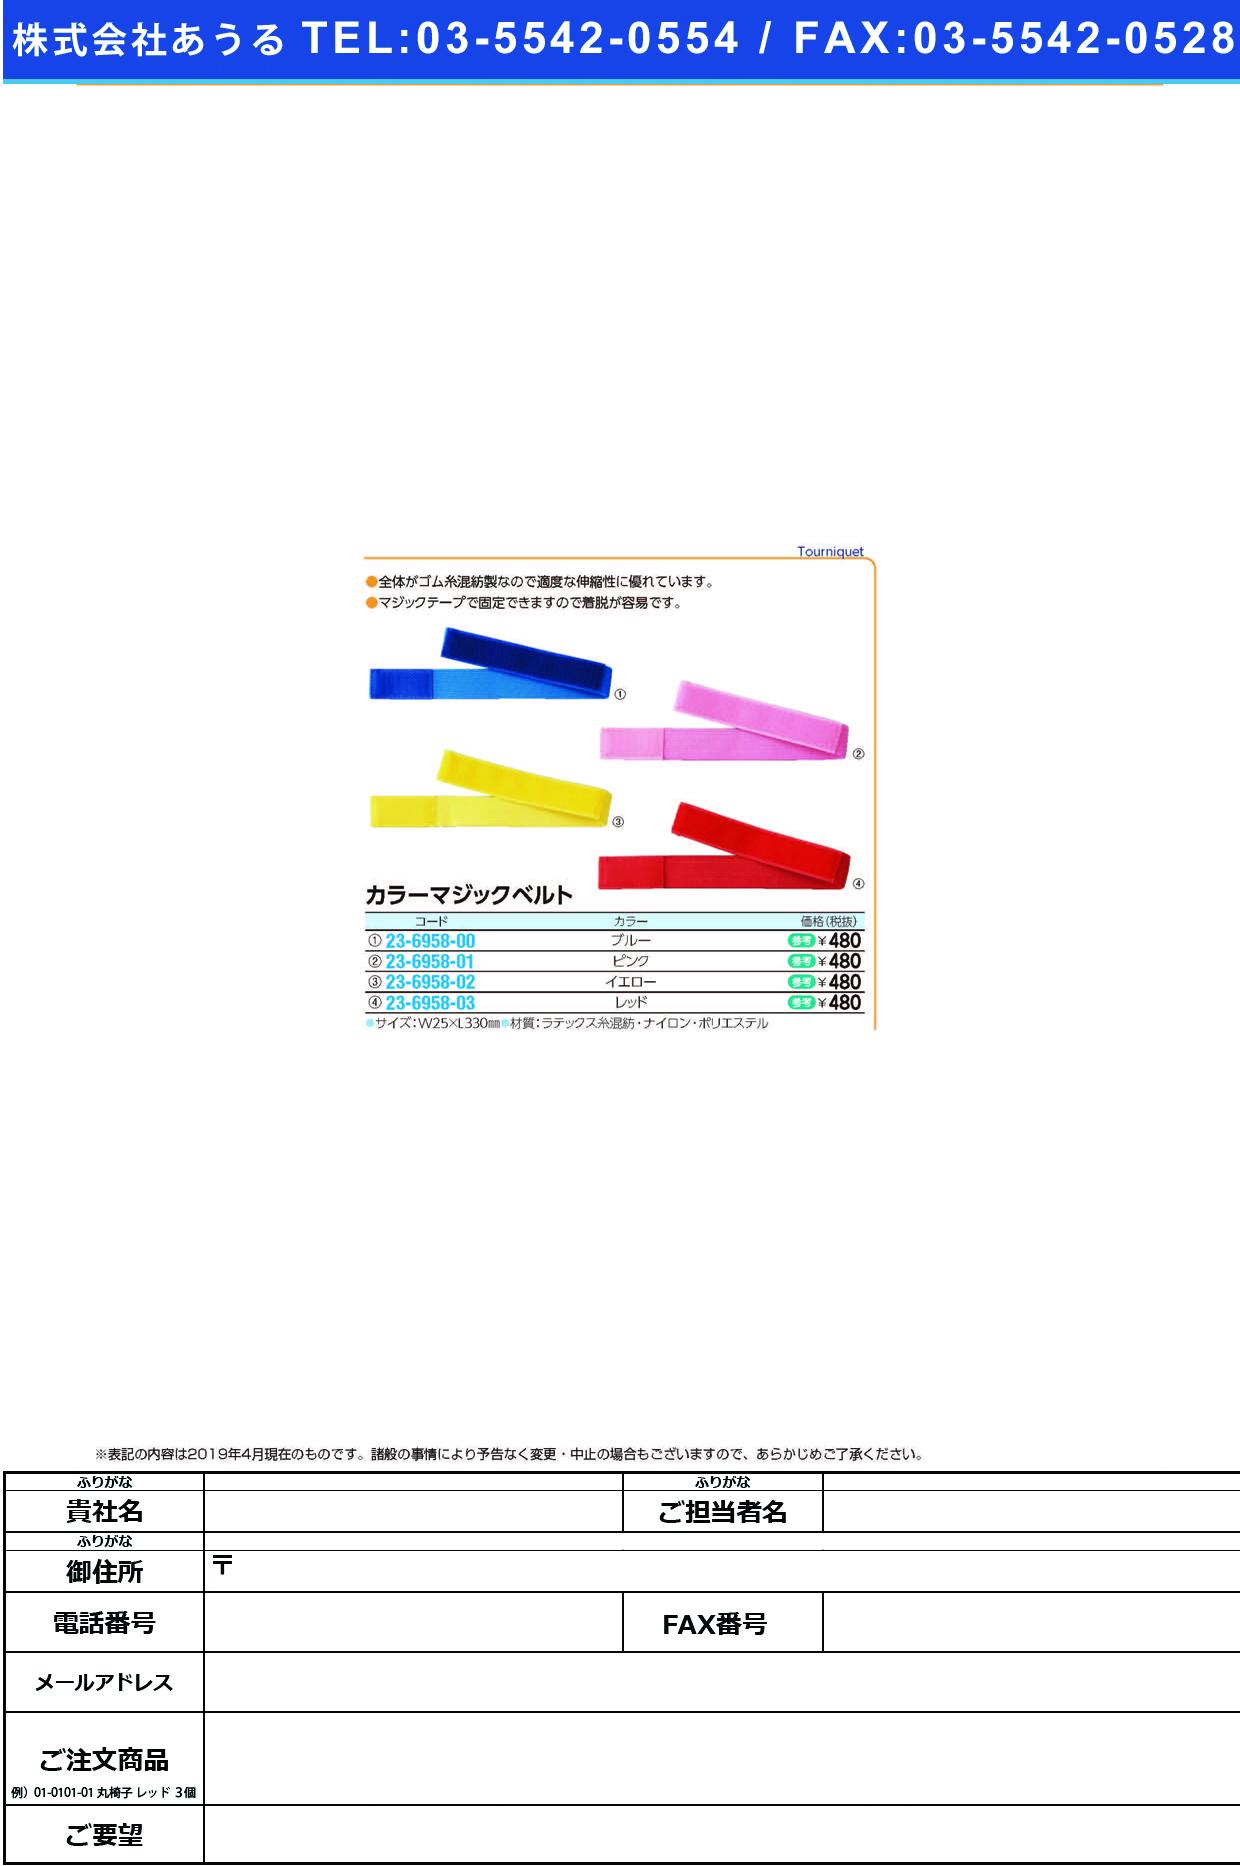 (23-6958-01)カラーマジックベルト W25XL330MM(ピンク) カラーマジックベルト【1本単位】【2019年カタログ商品】